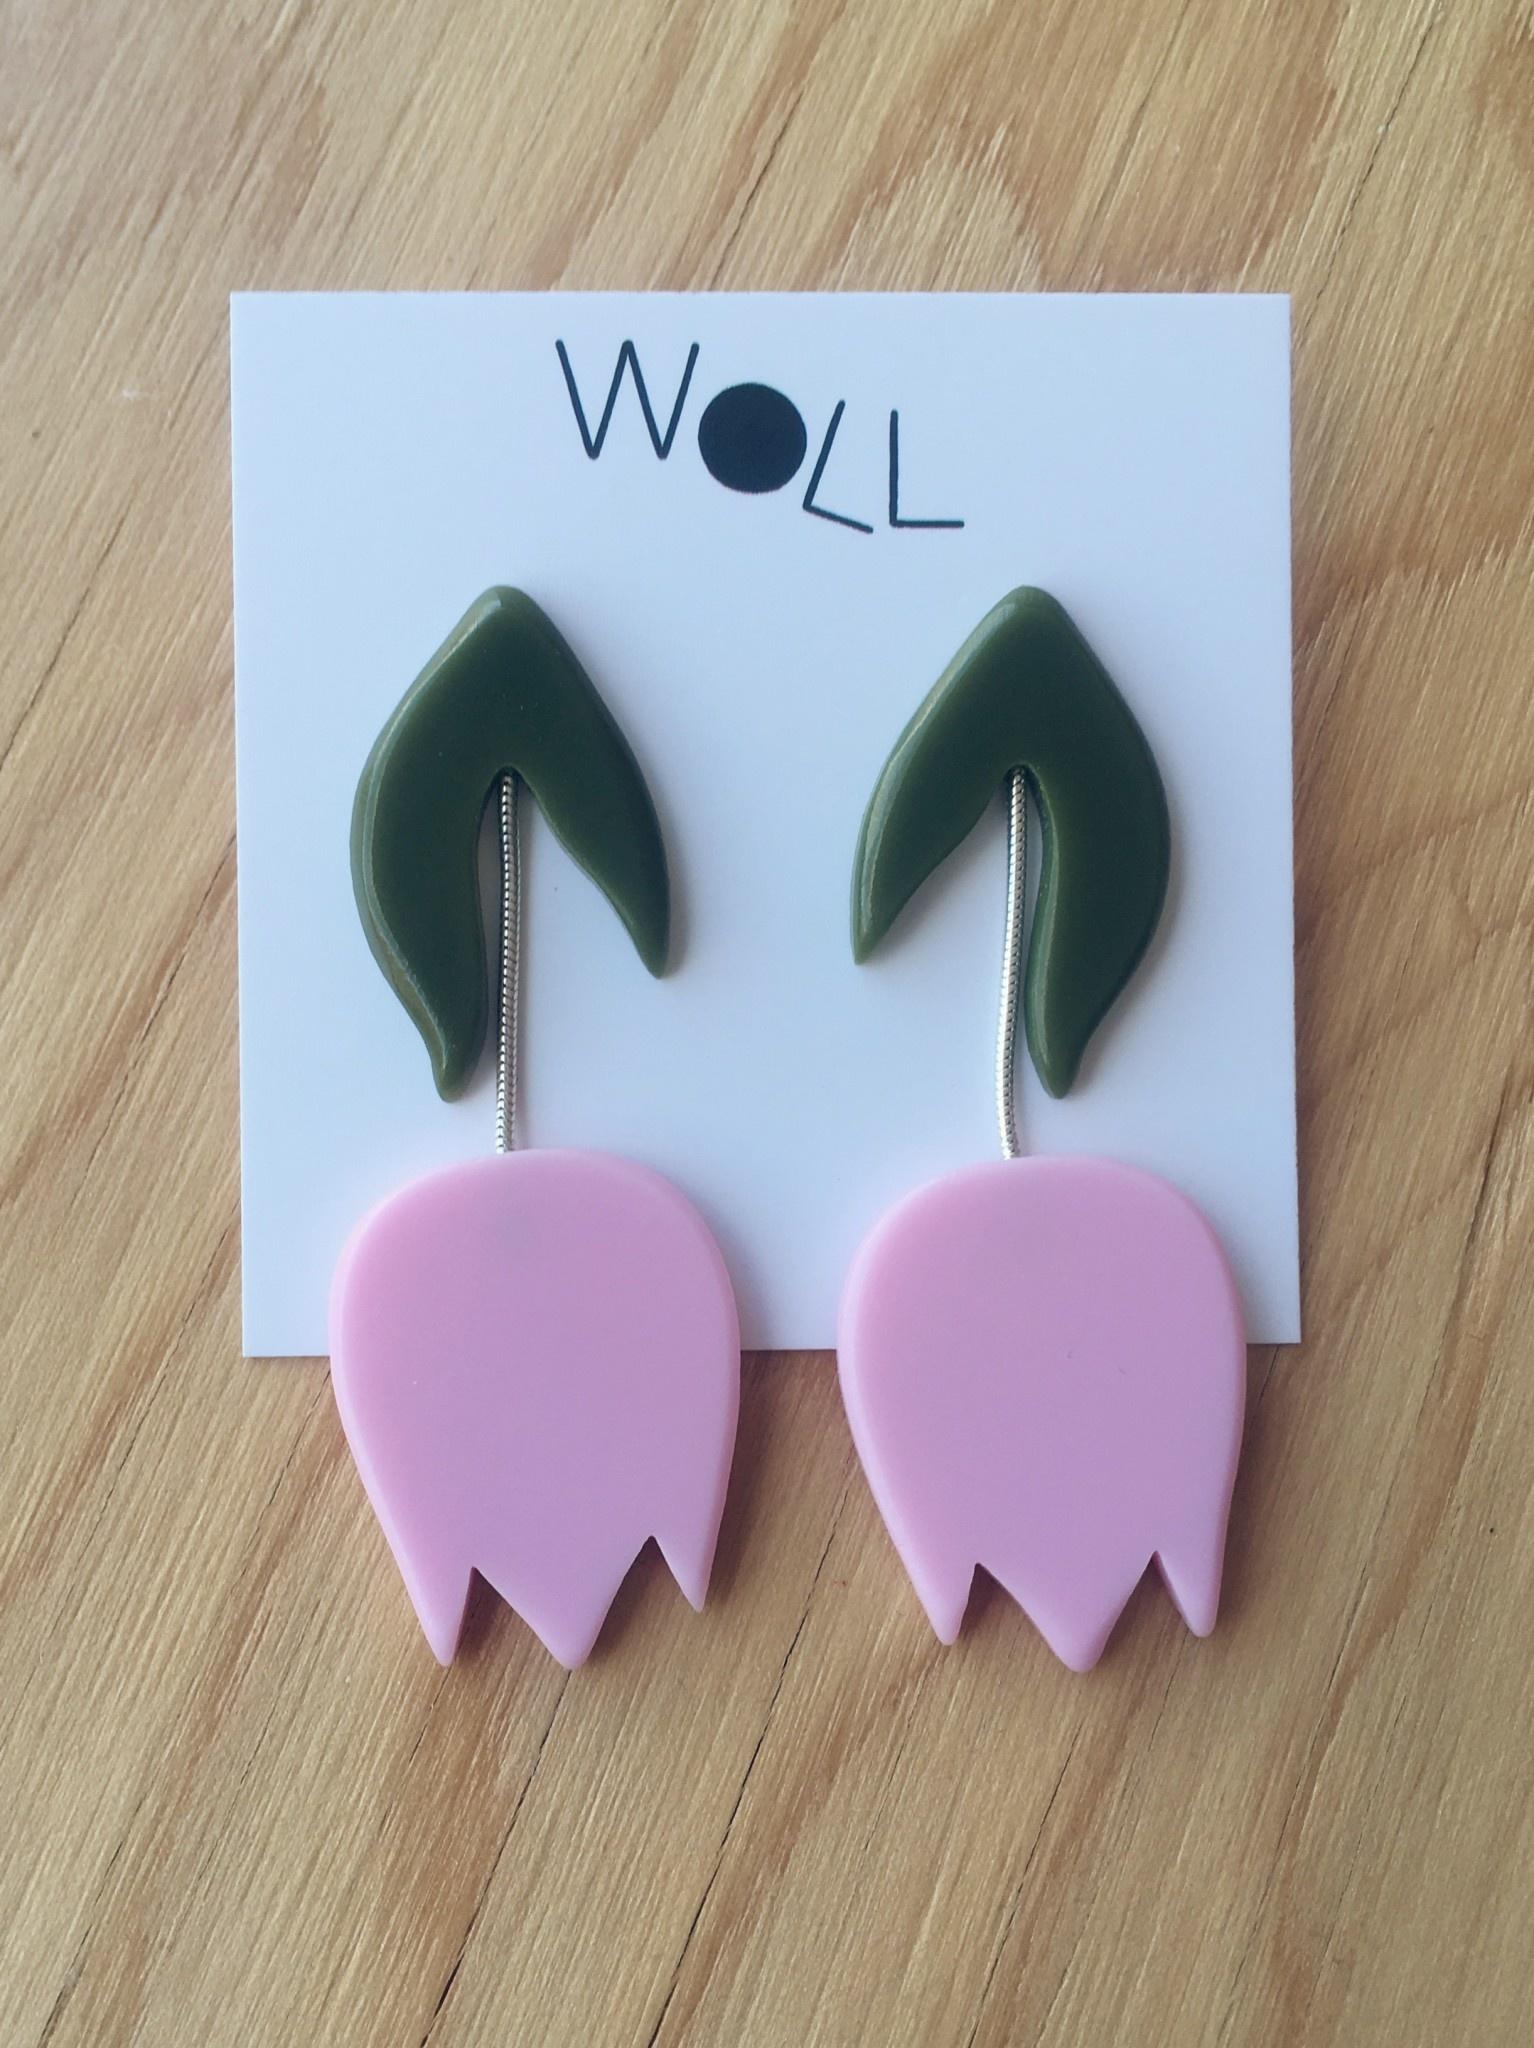 Woll Tulip Earrings